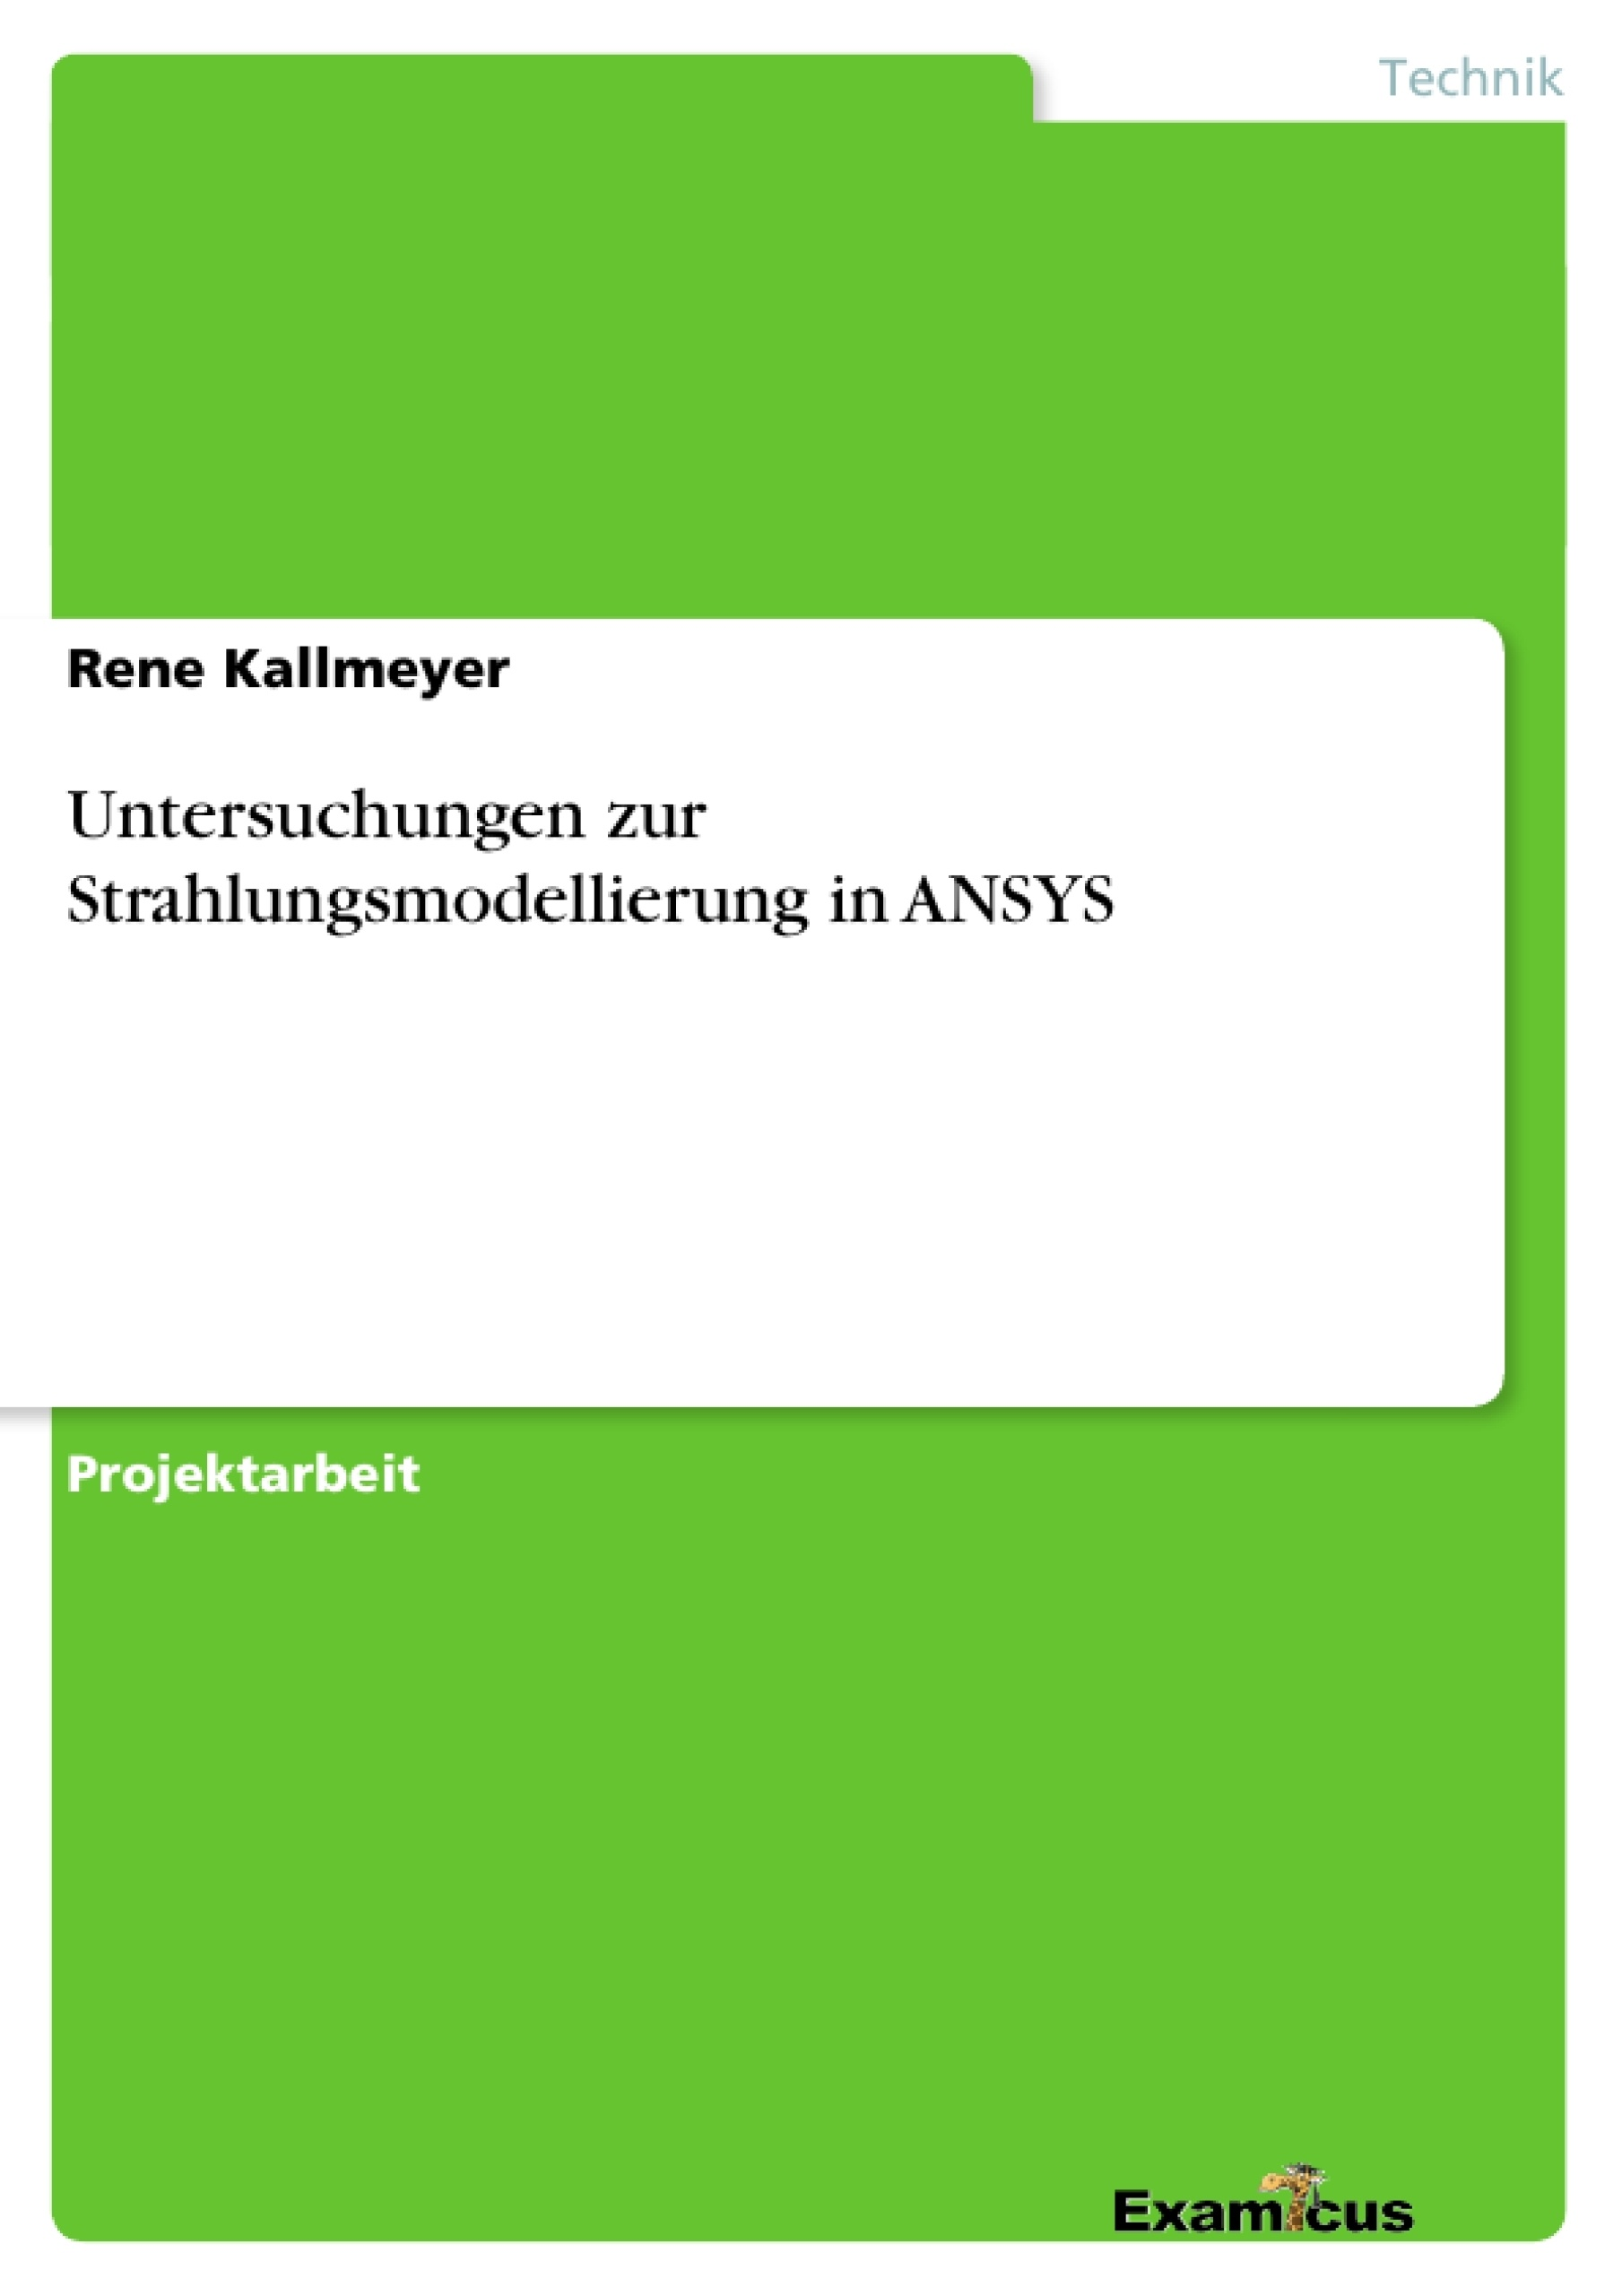 Titel: Untersuchungen zur Strahlungsmodellierung in ANSYS